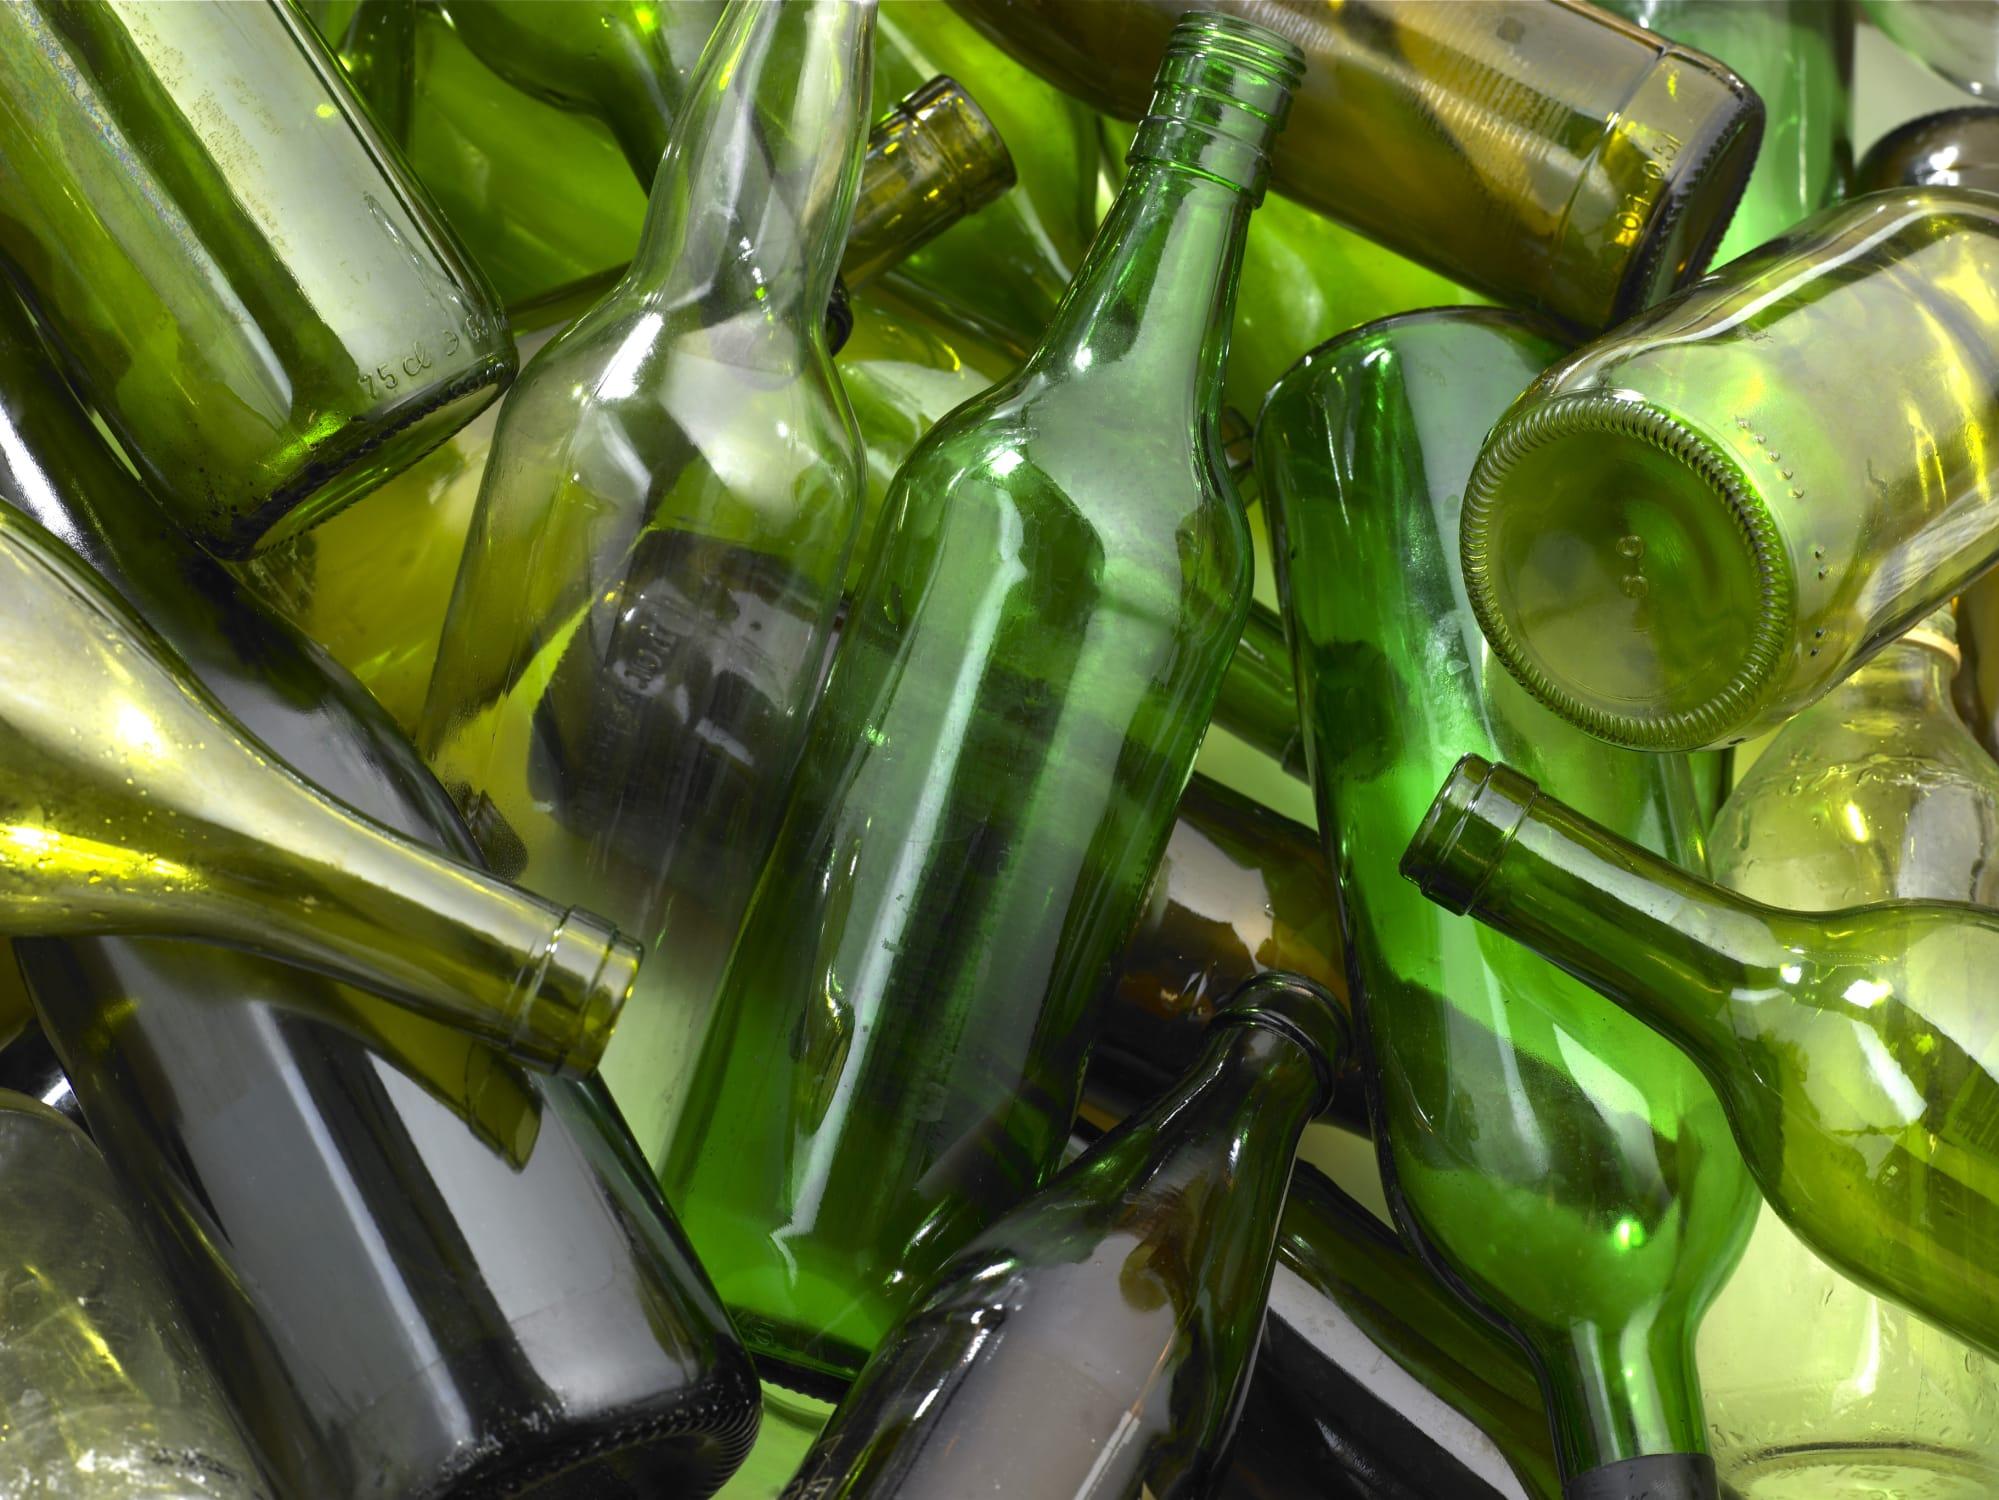 raccolta differenziata monomateriale per incentivare il riutilizzo del vetro